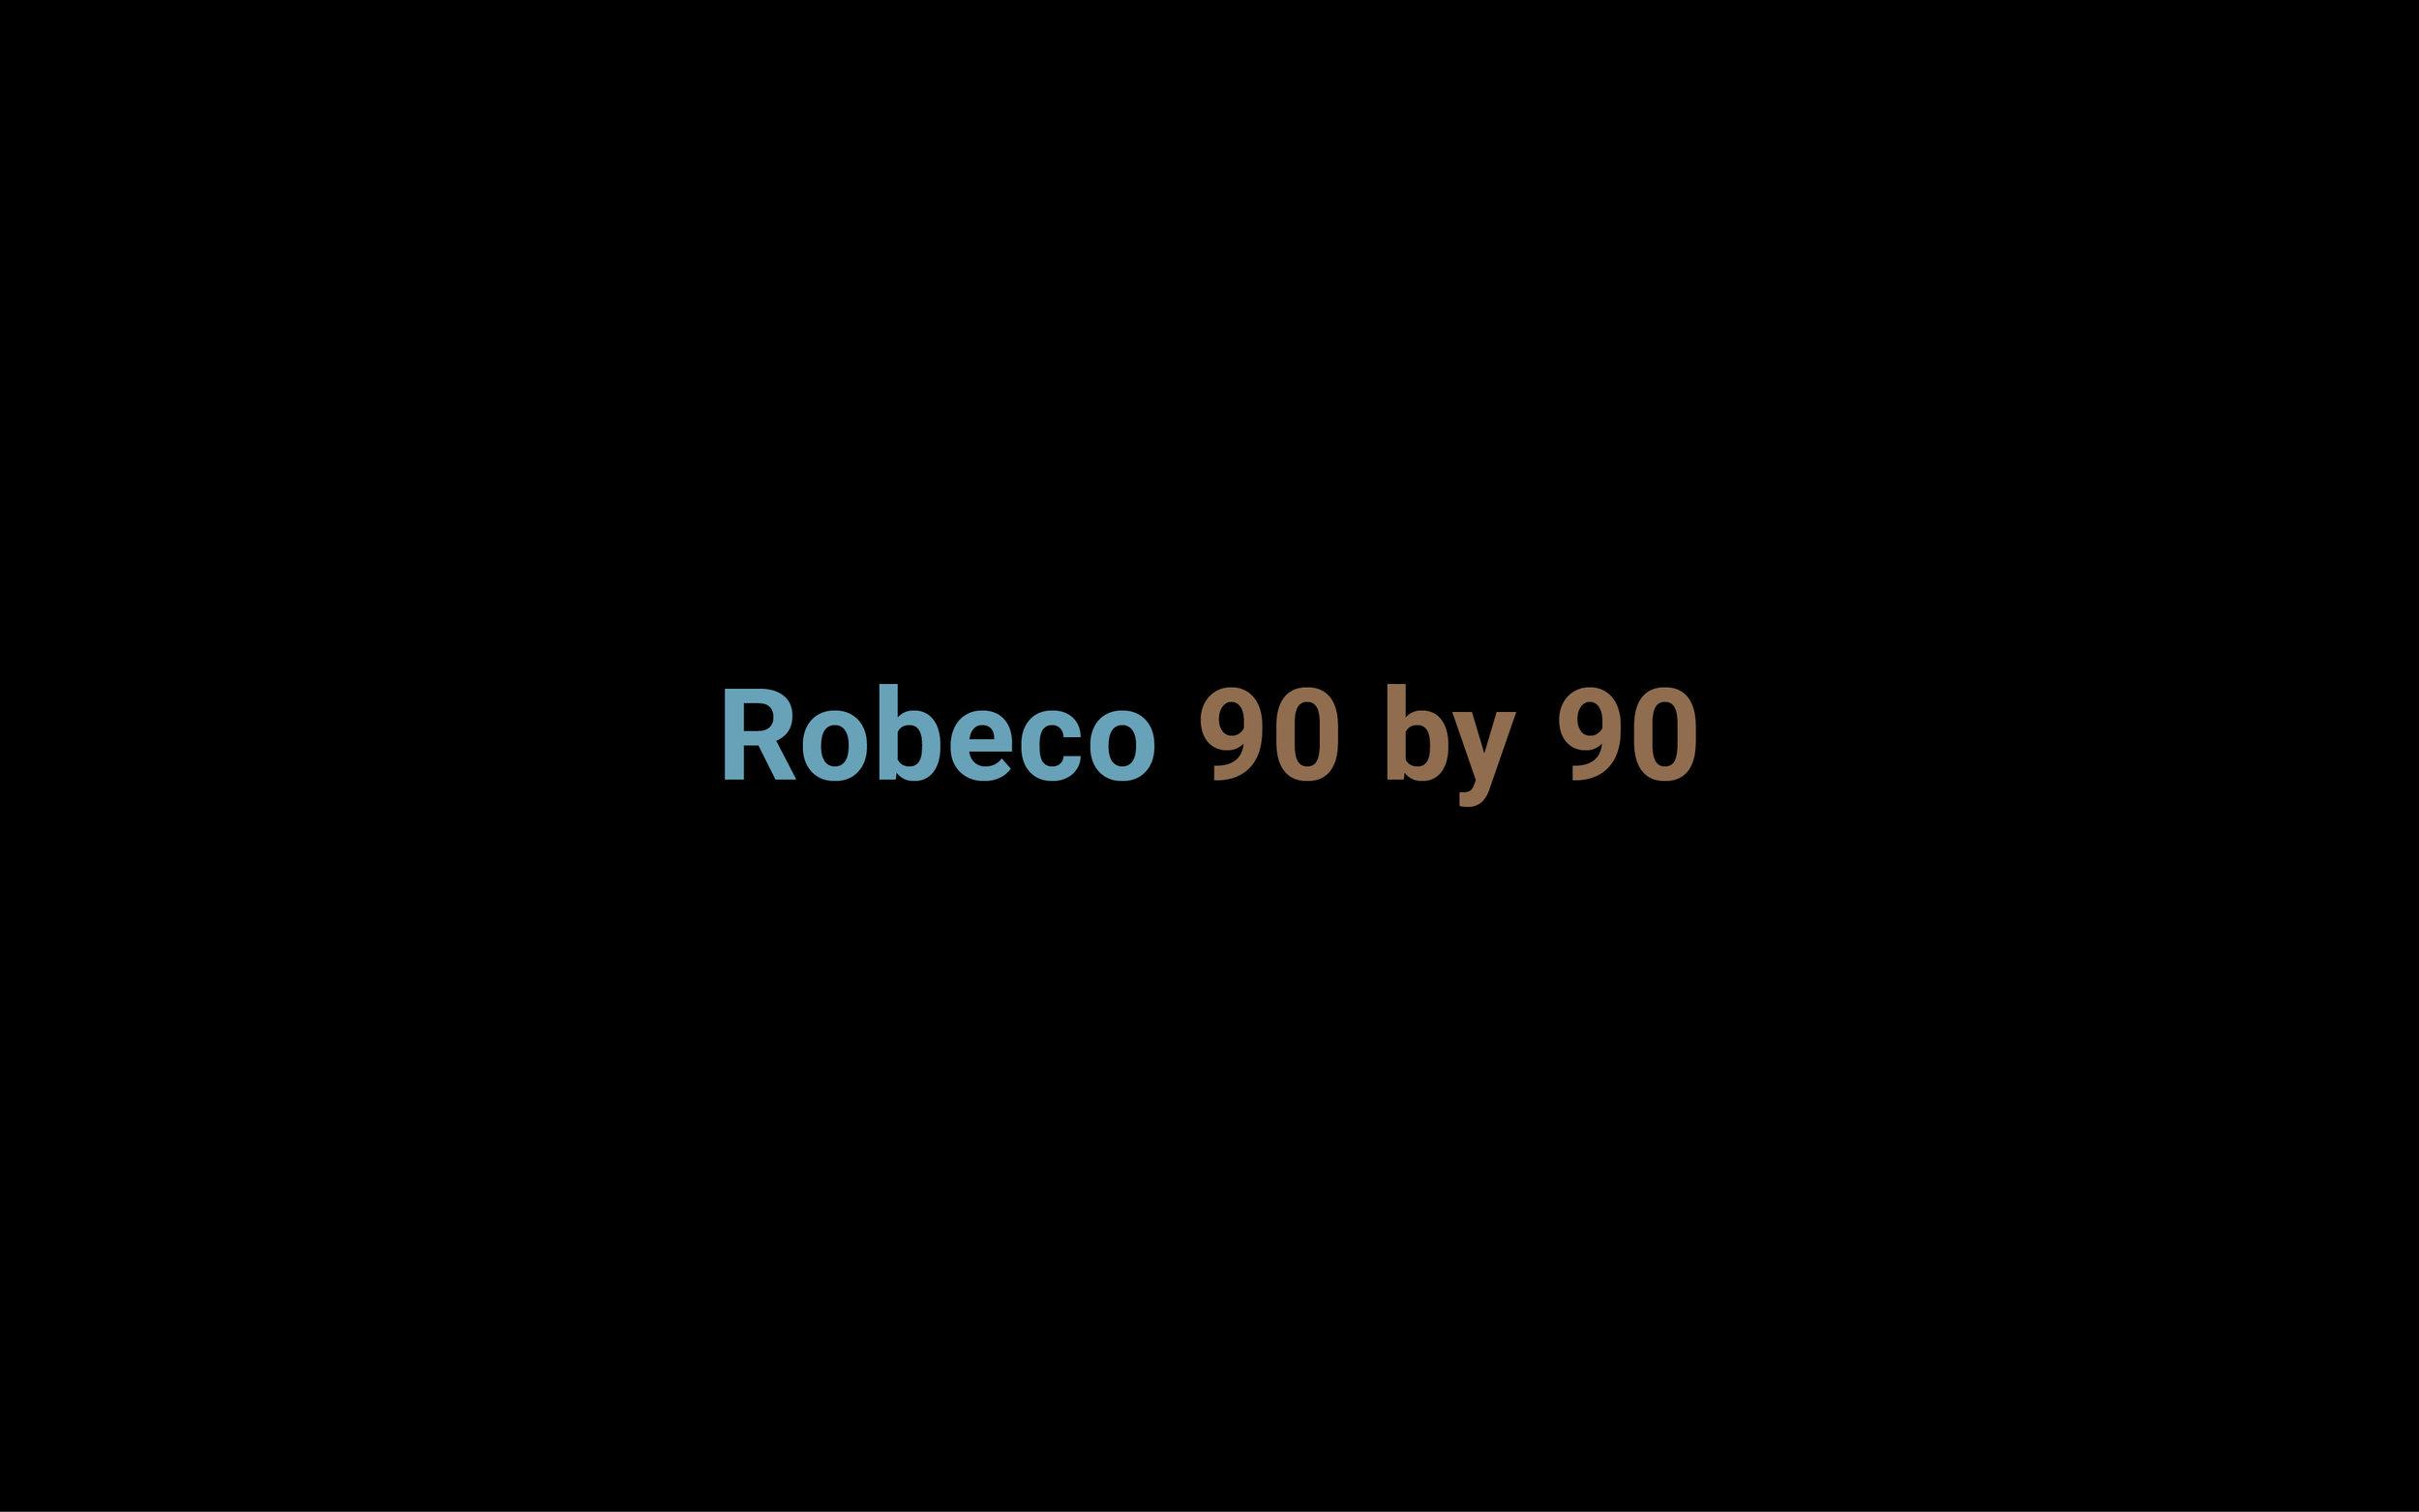 ROBECO 90X90_2.jpg